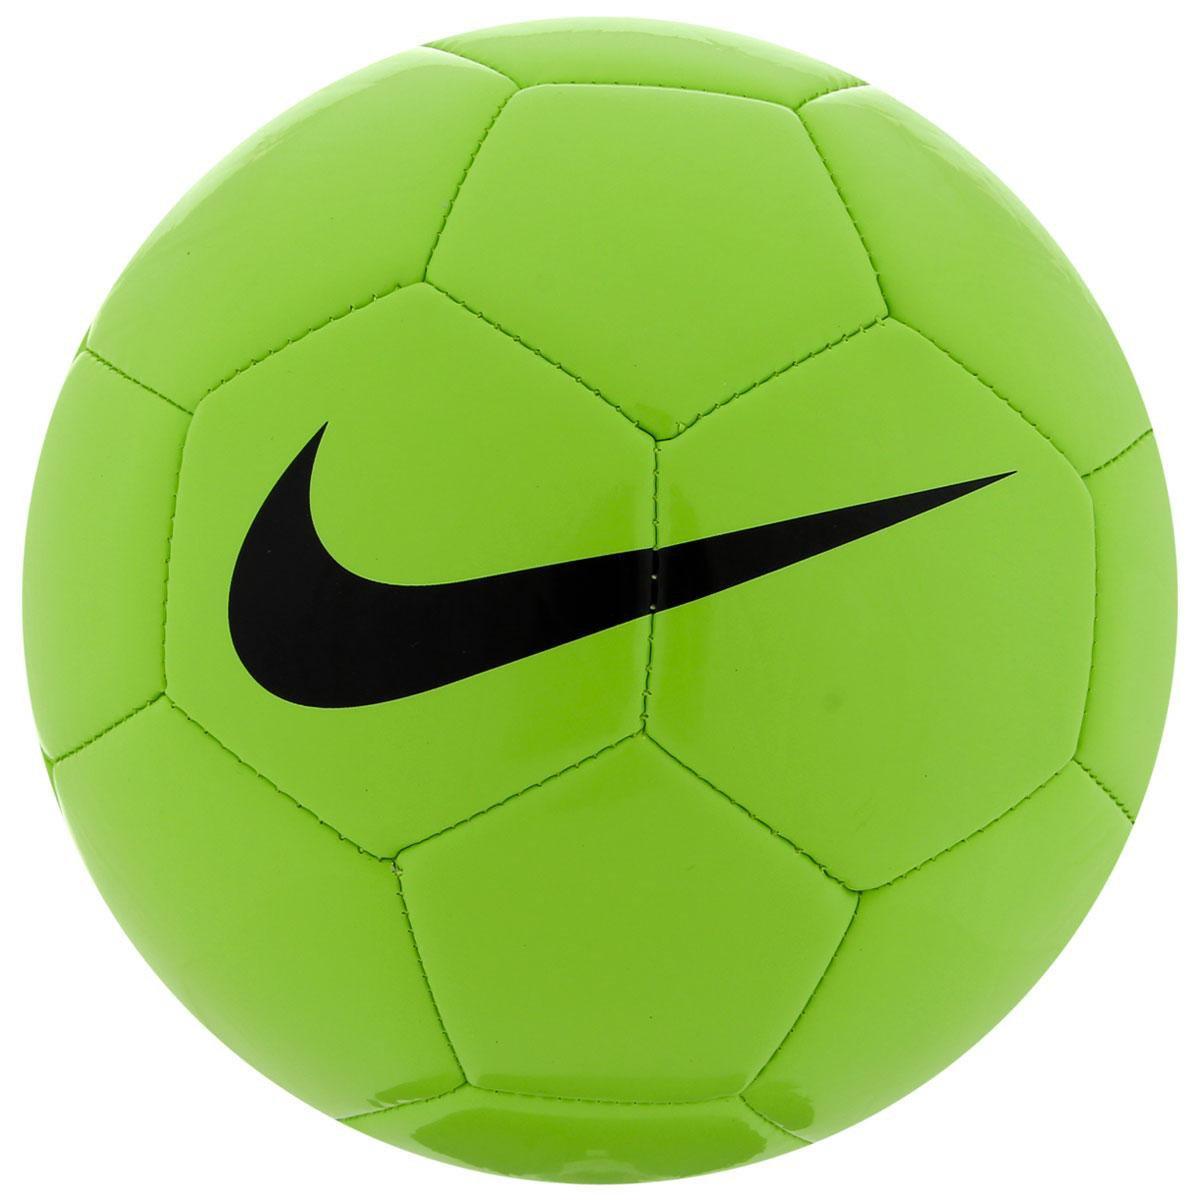 4c56f0cee0abd Bola Futebol Campo Nike Team Training - Compre Agora